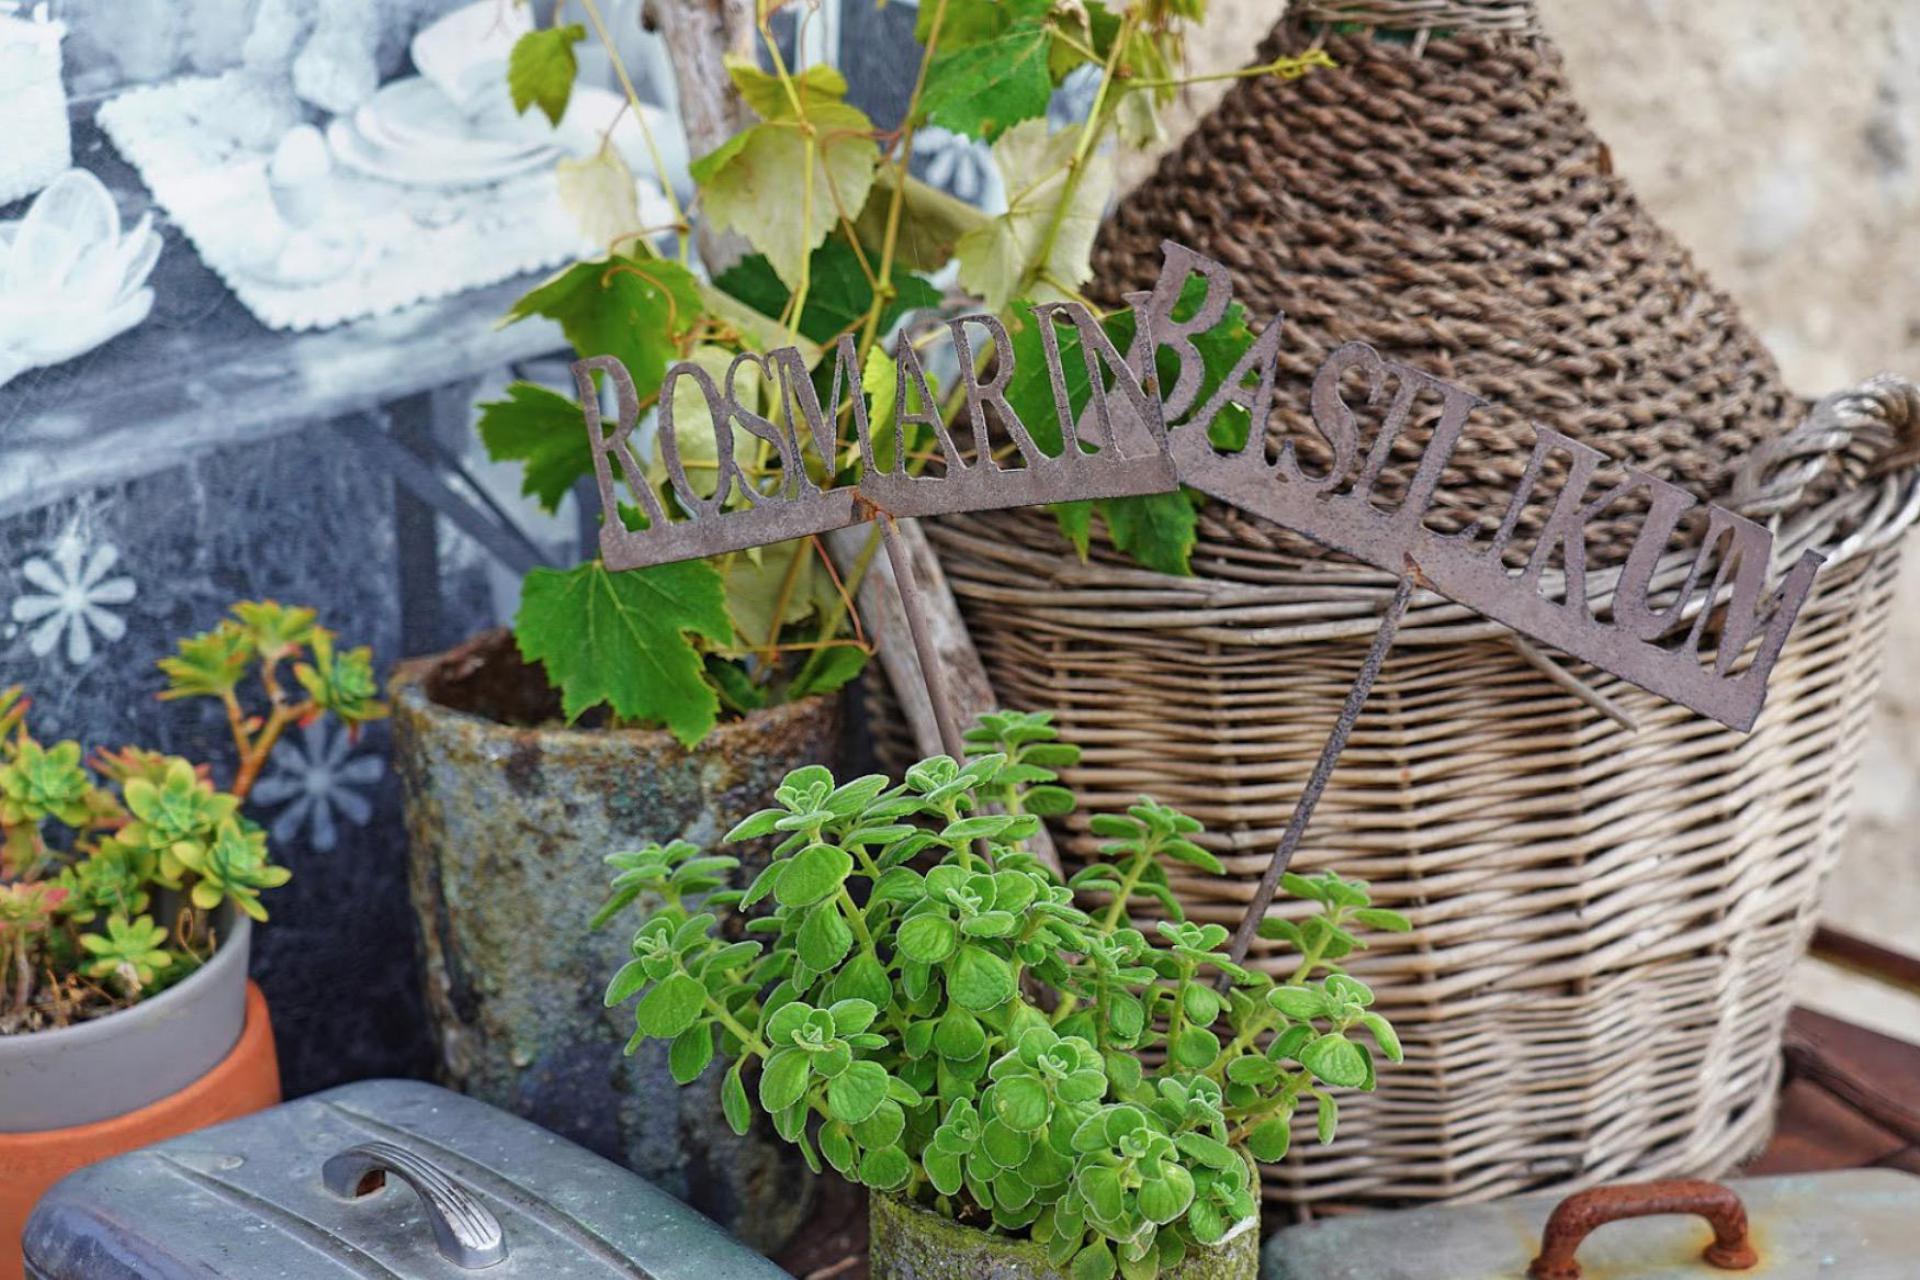 Agriturismo Lake Como and Lake Garda Agriturismo overlooking Lake Garda and stylish interior